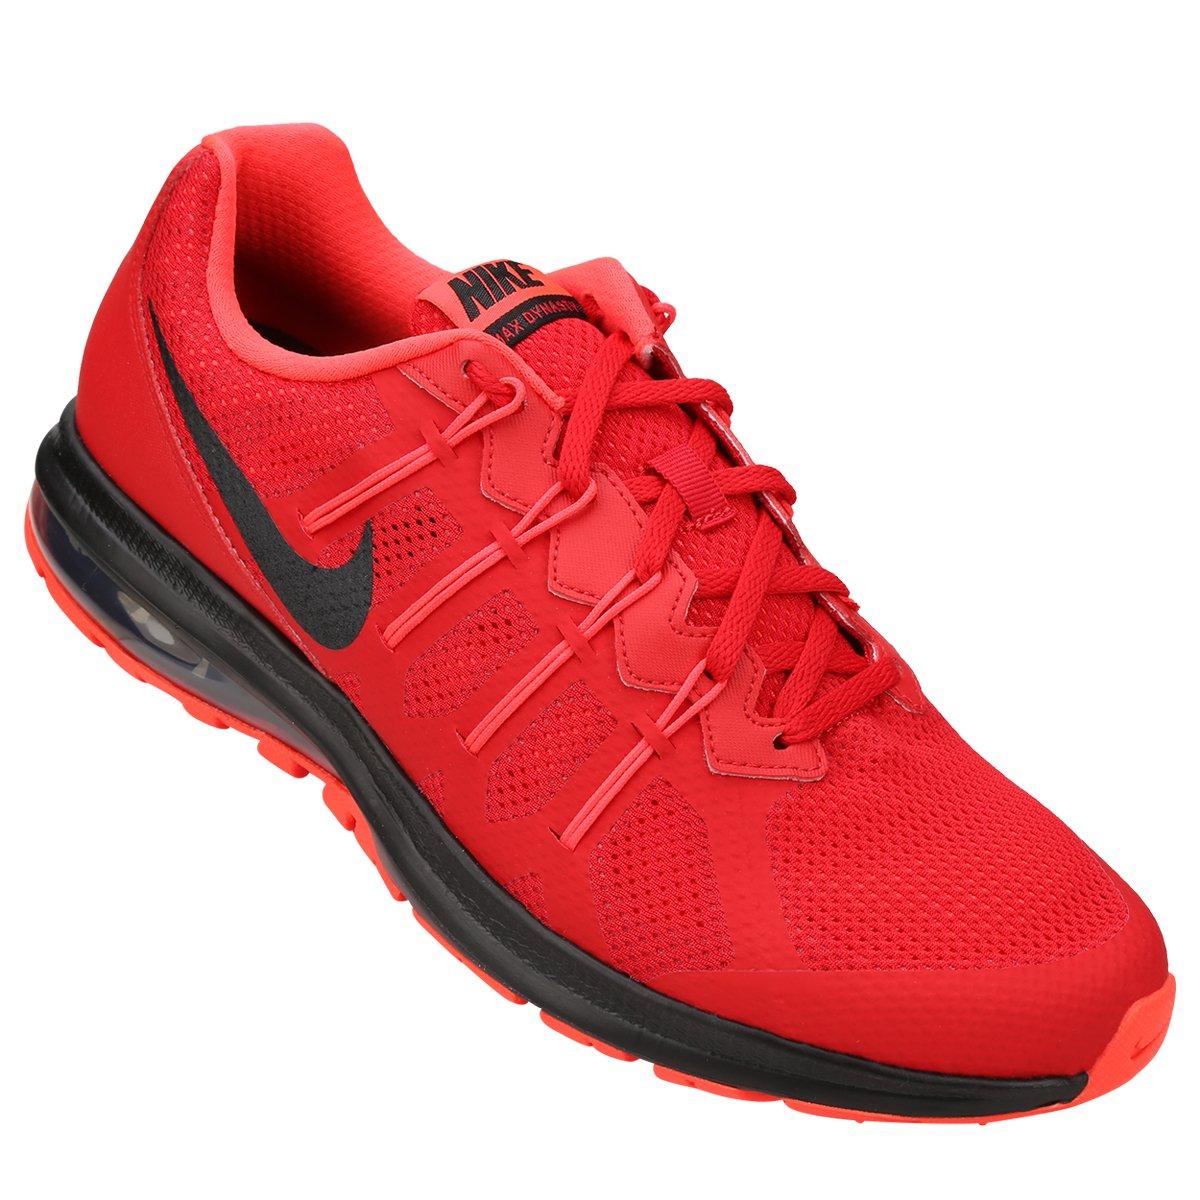 low priced da1d6 de7a7 Tênis Nike Air Max Dynasty MSL Masculino - Compre Agora  Loj